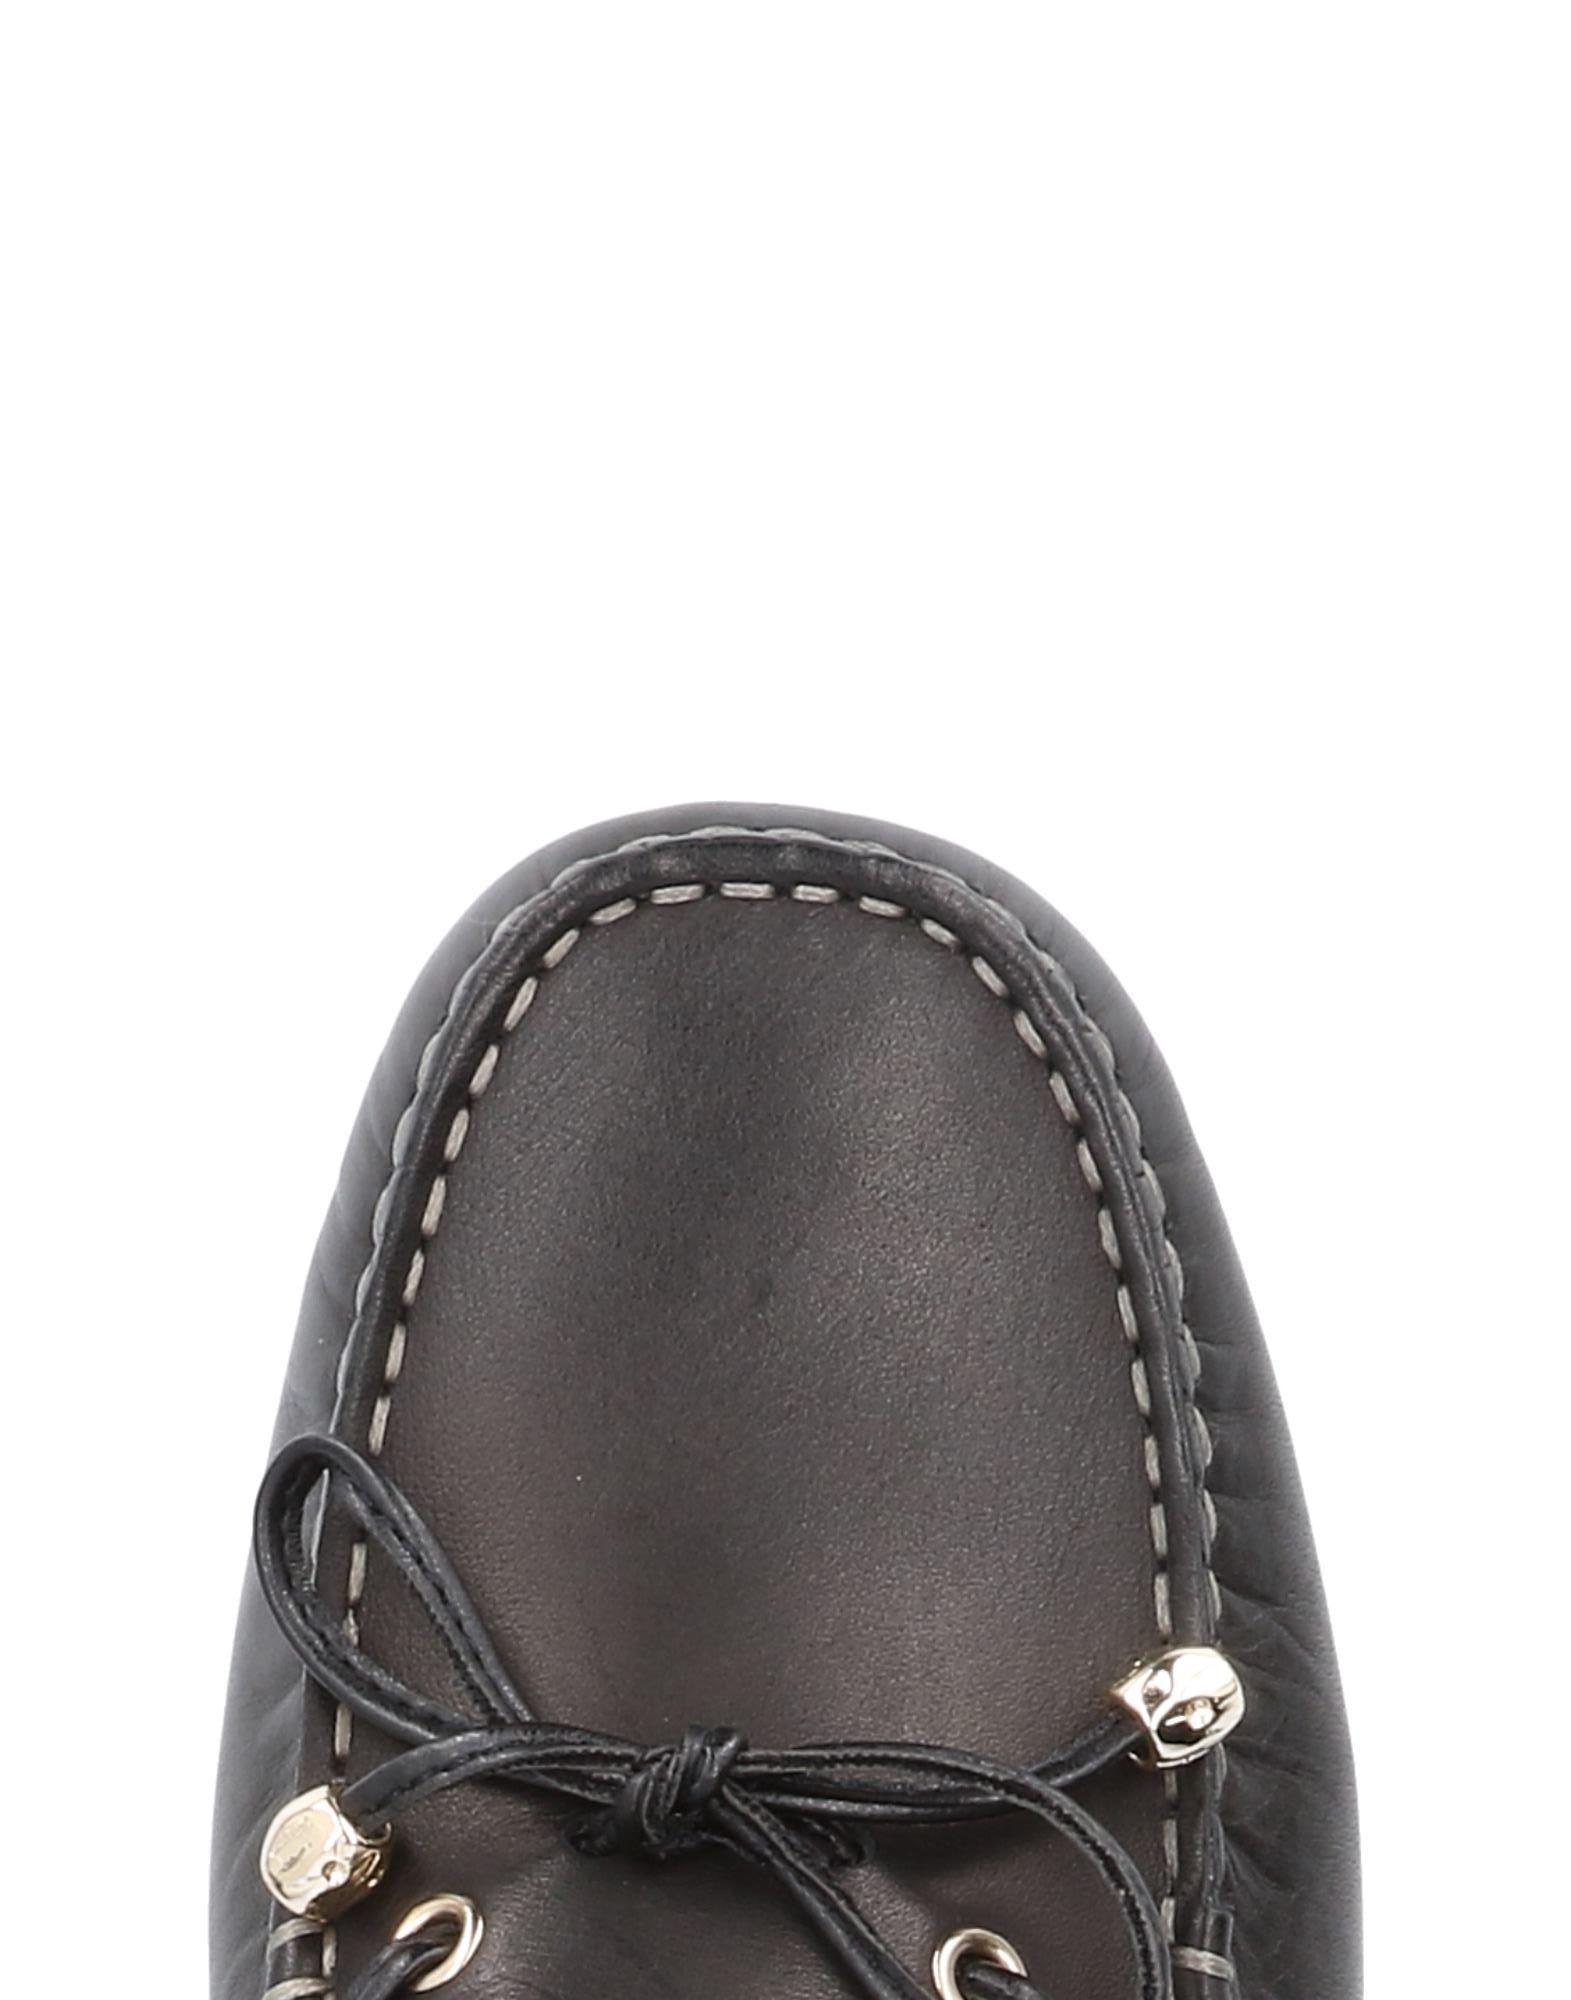 ... Stonefly Gute Mokassins Damen 11466774RO Gute Stonefly Qualität  beliebte Schuhe b4f594 71945777b5